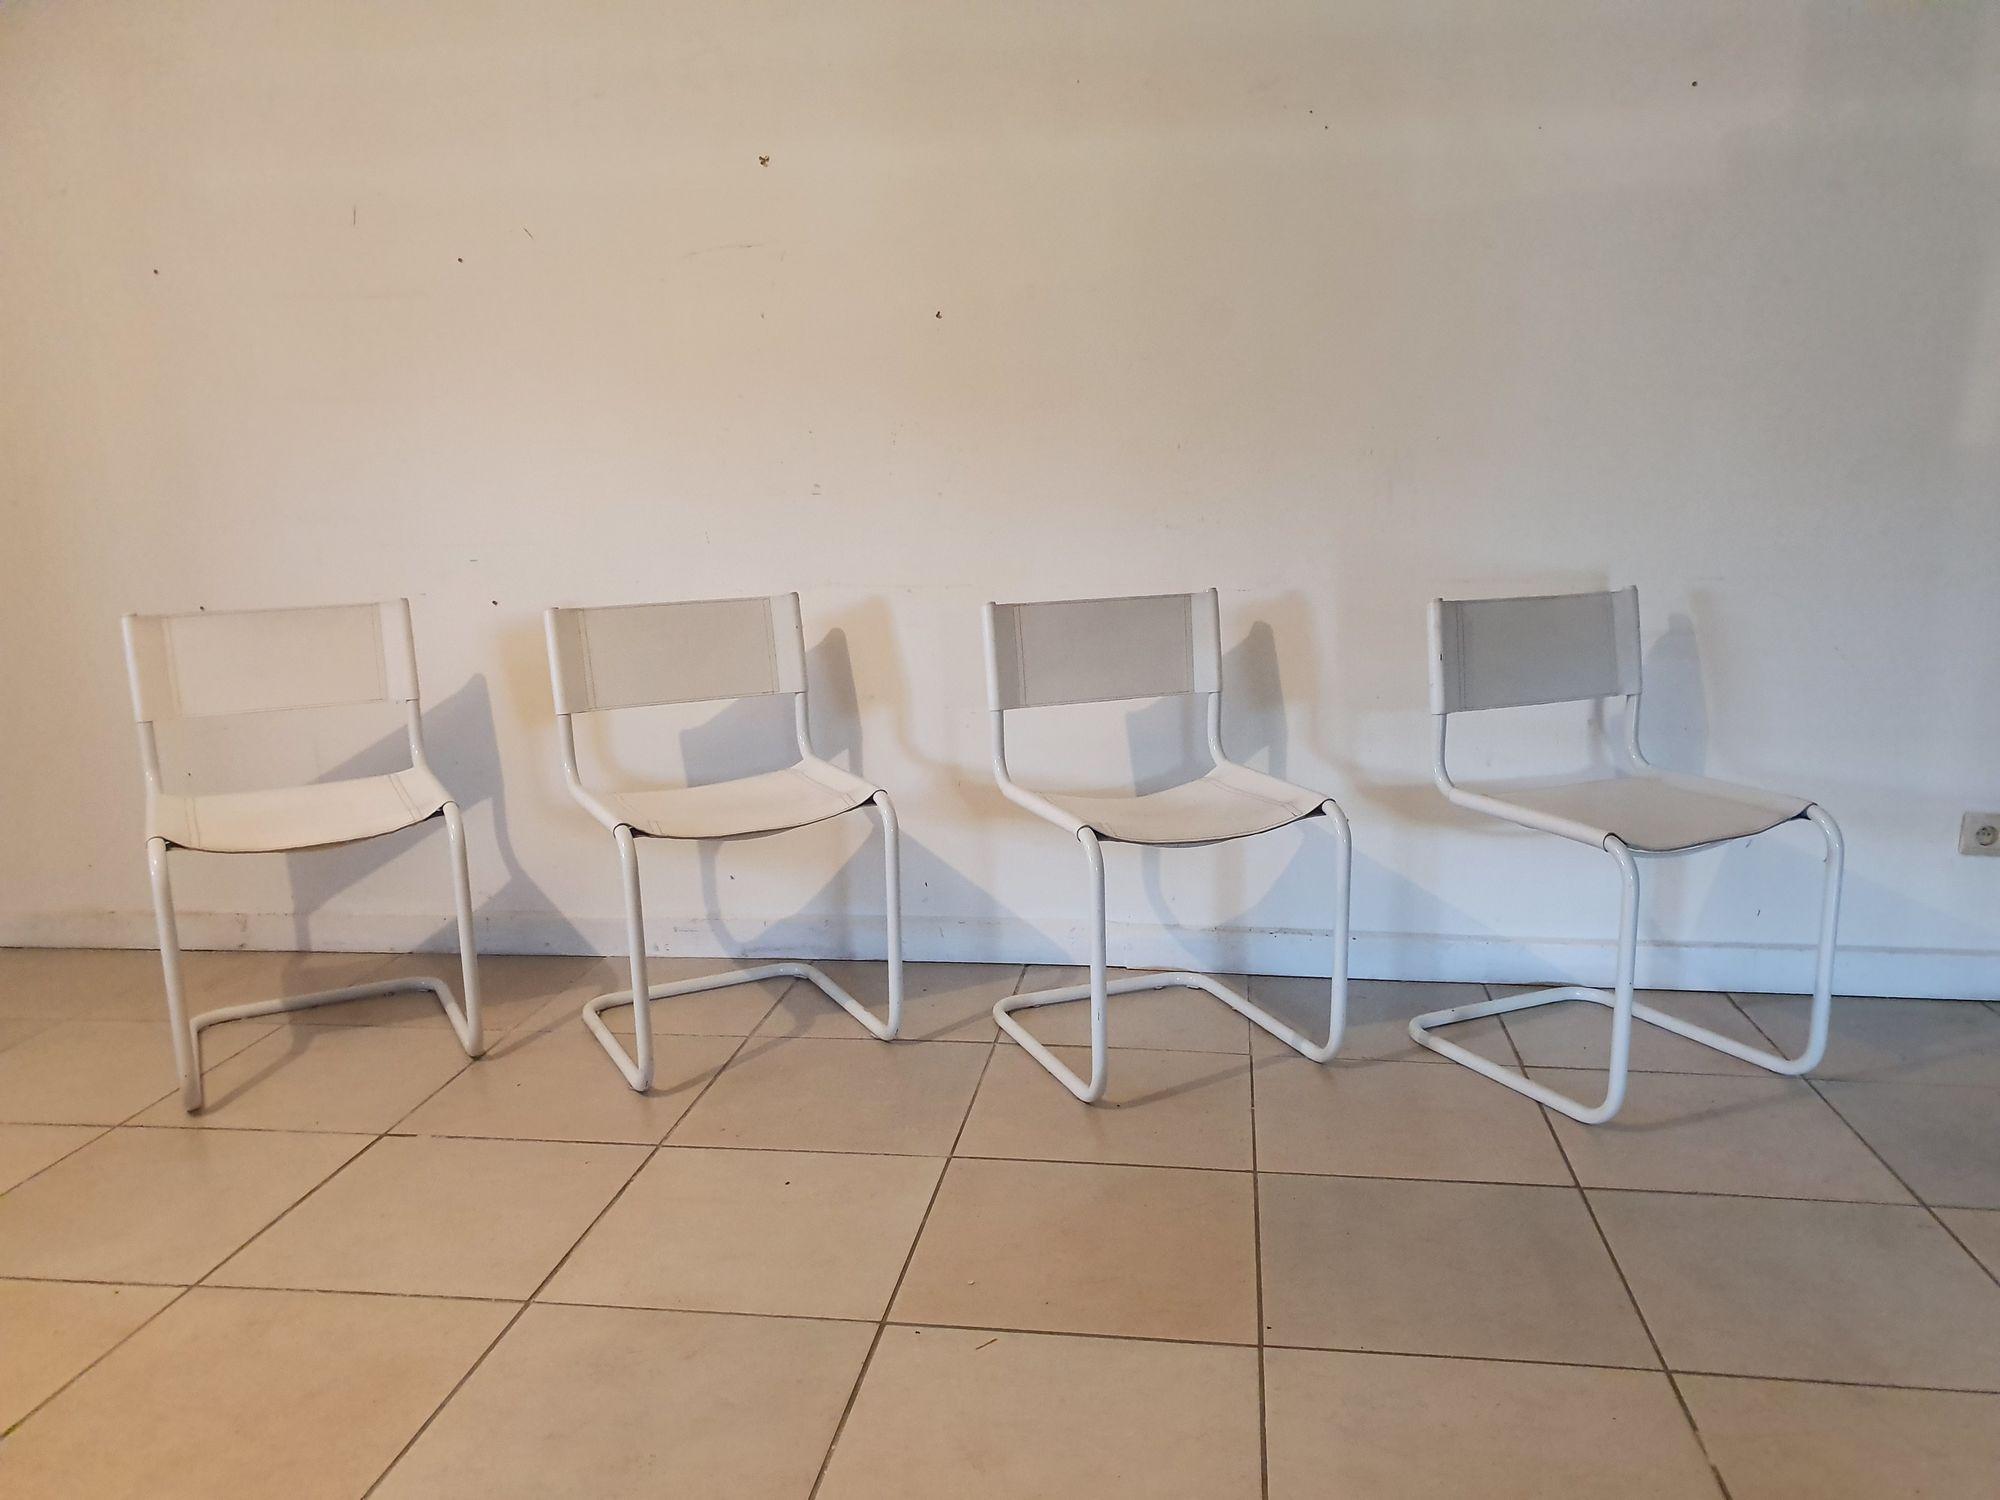 4 wit lederen stoelen